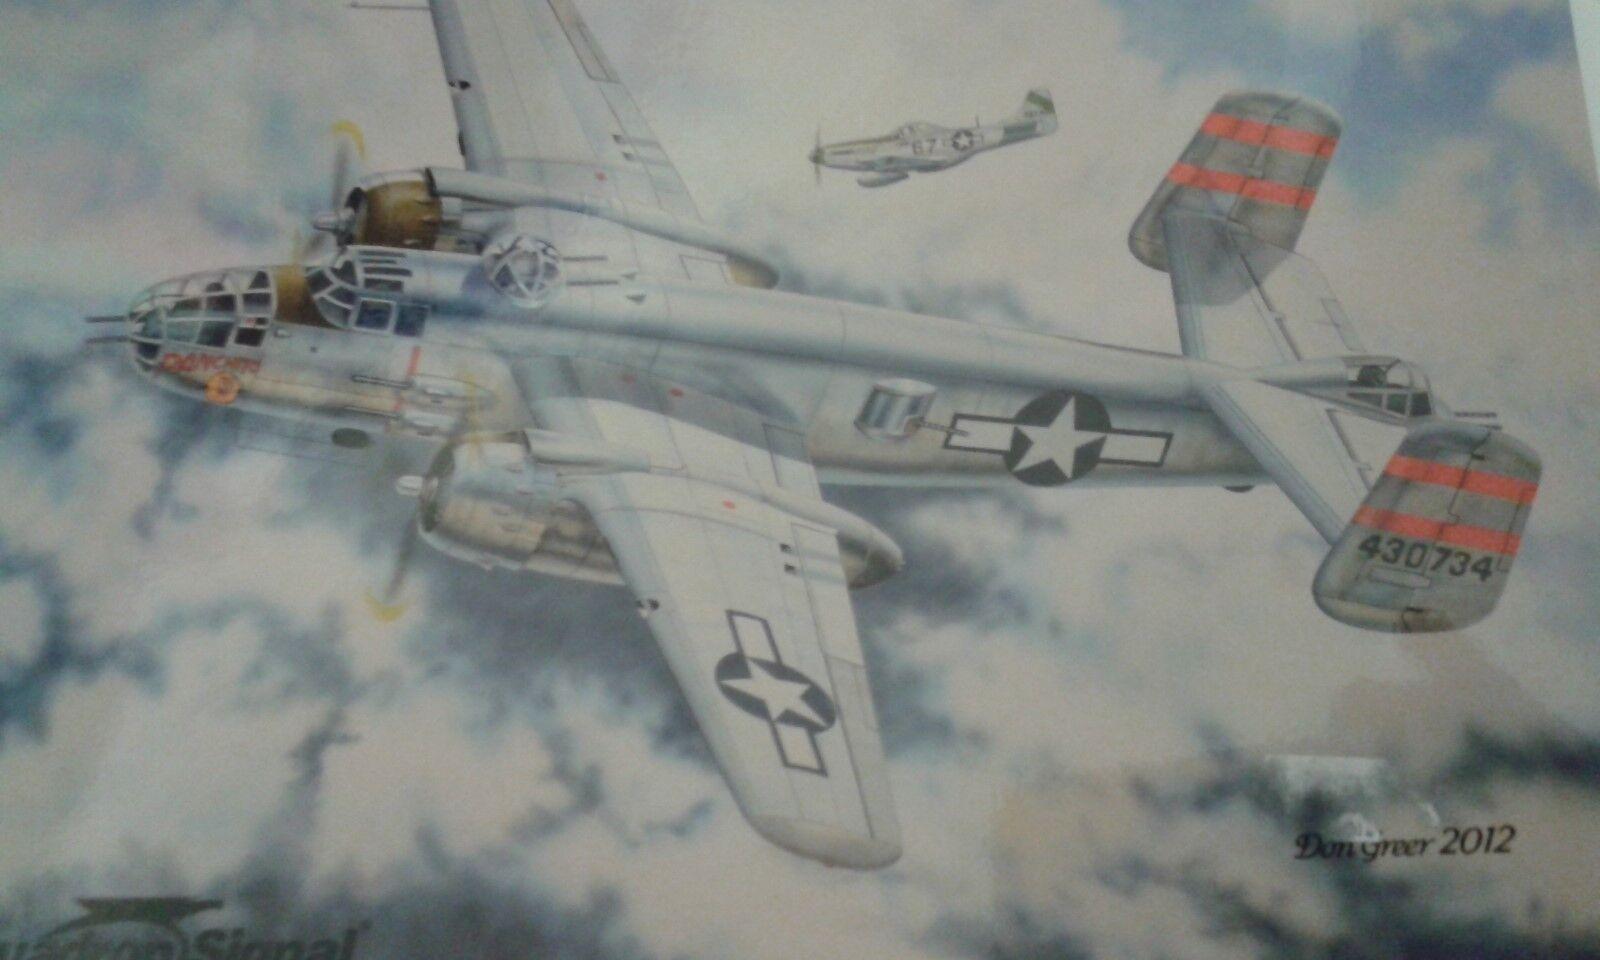 B-25 MITCHELL-SQUADRON SIGNAL WALK AROUND N.25071-BY N.25071-BY N.25071-BY DAVID DOYLE 68e464